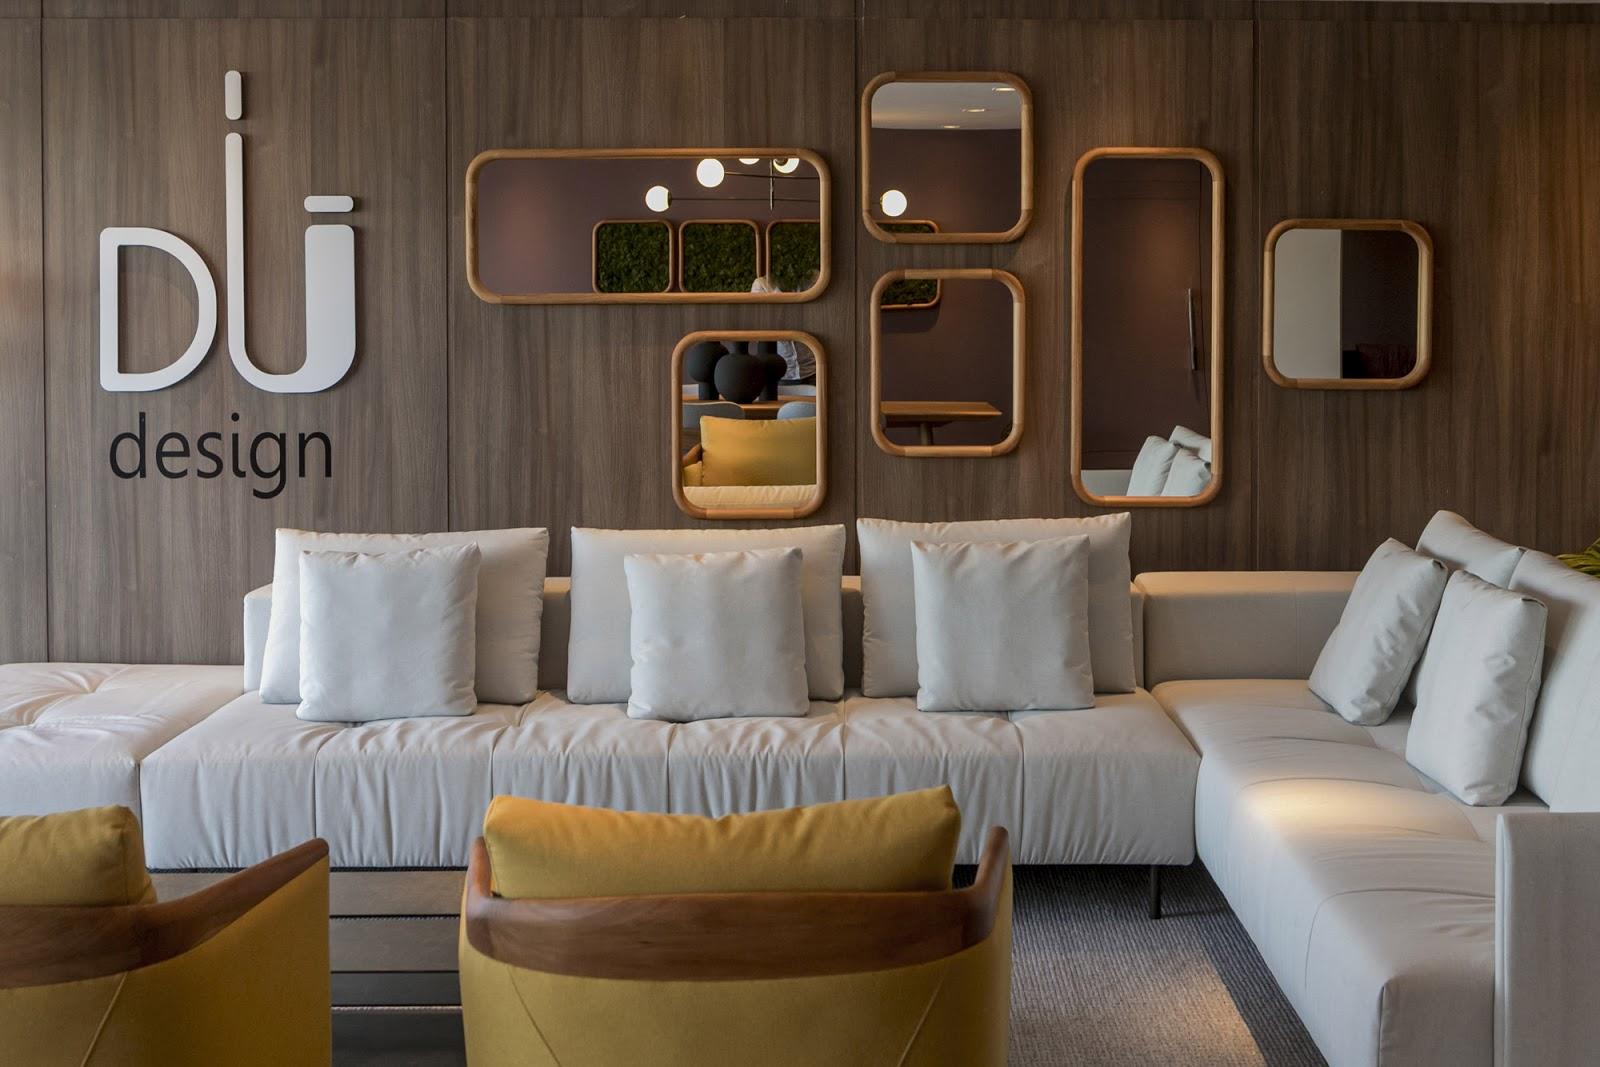 Du Design chega ao Casa & Design com propósito e linhas orgânicas